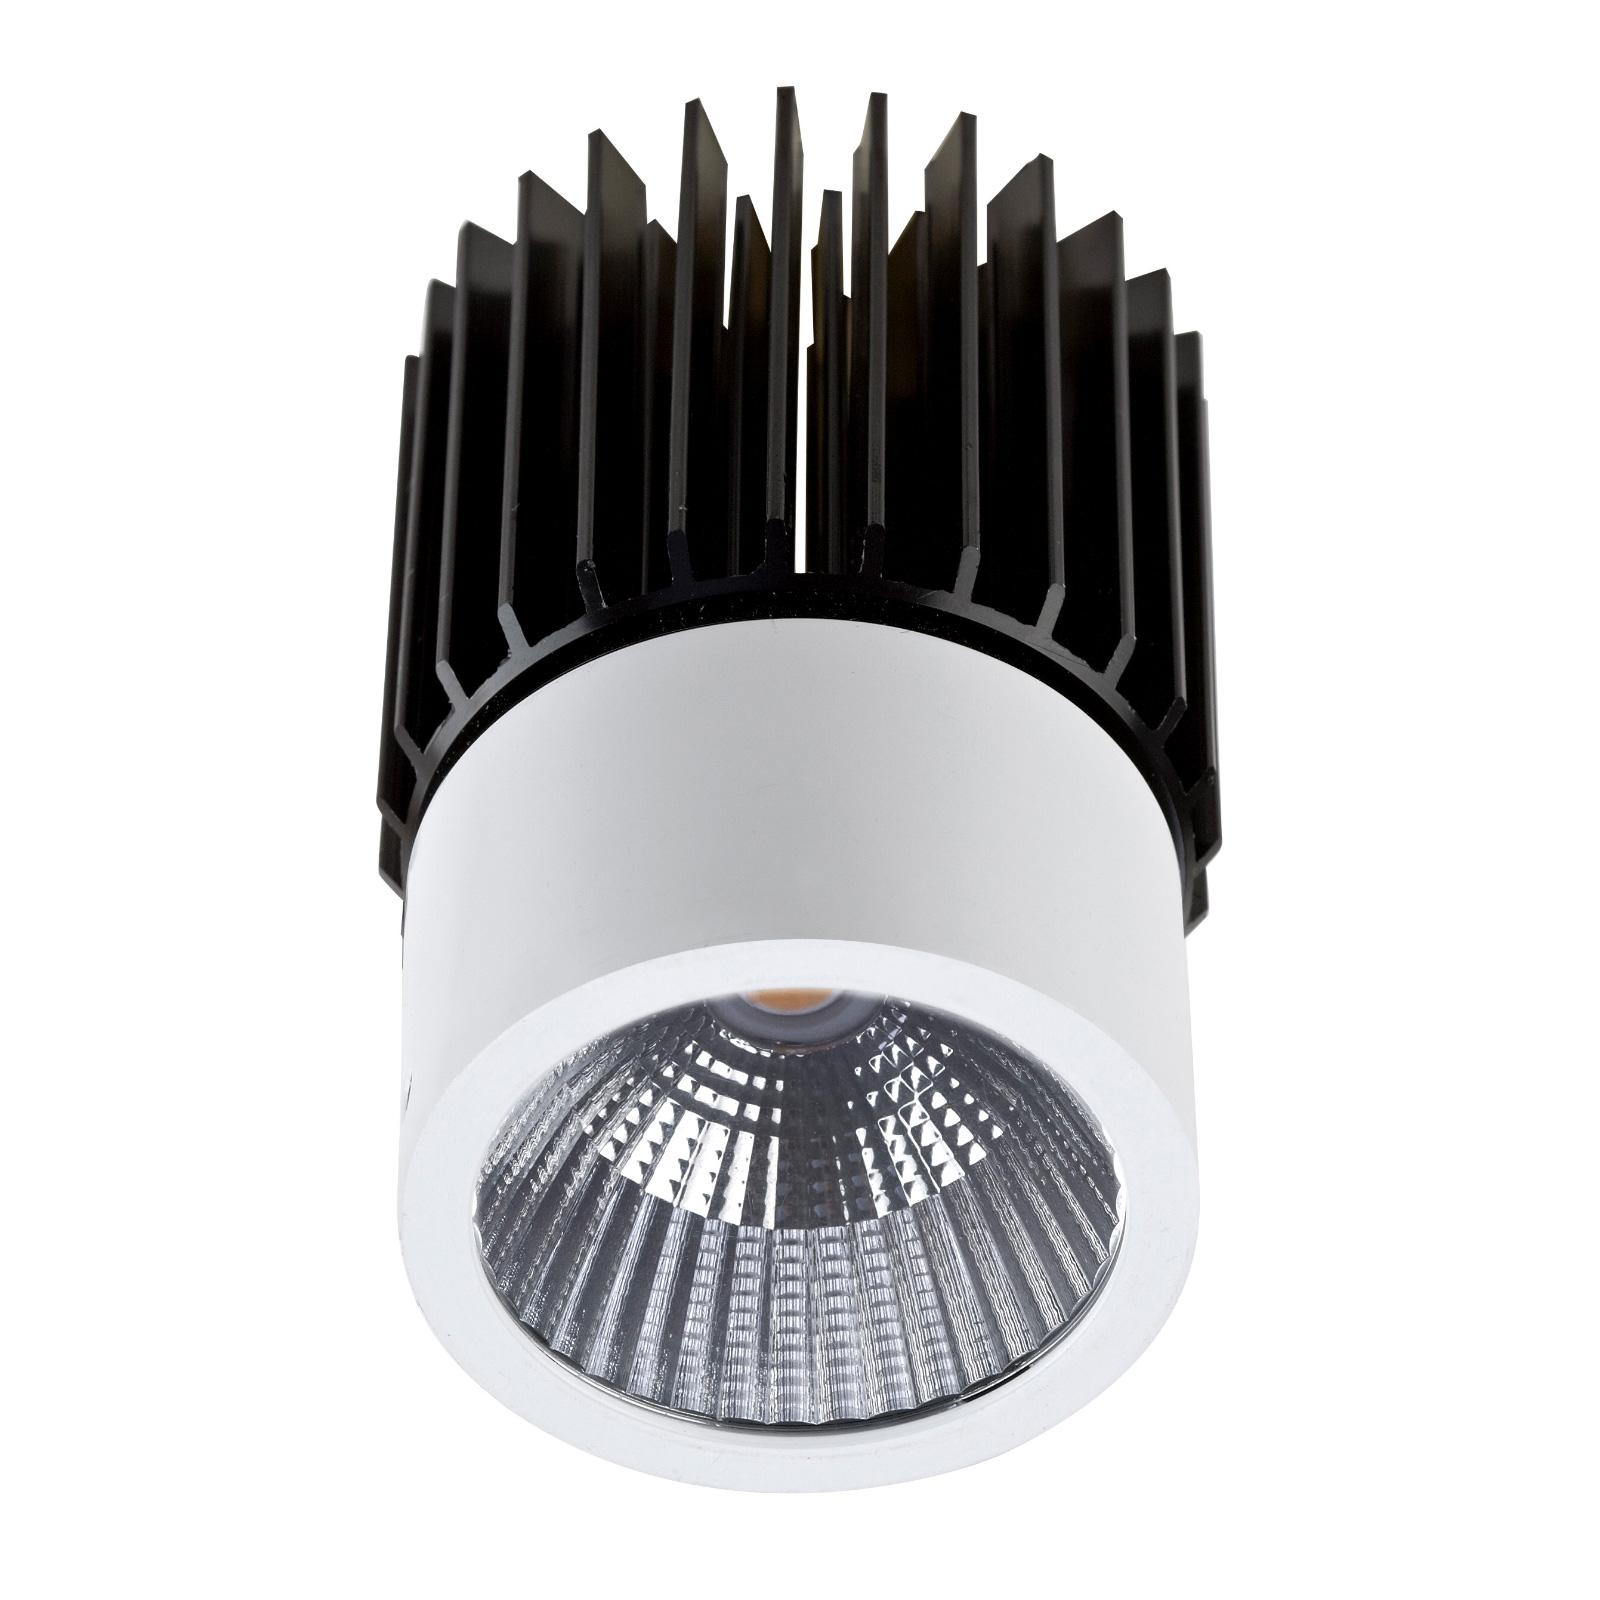 LEDS-C4 Play innbygget taklampe med LED, 4000 K